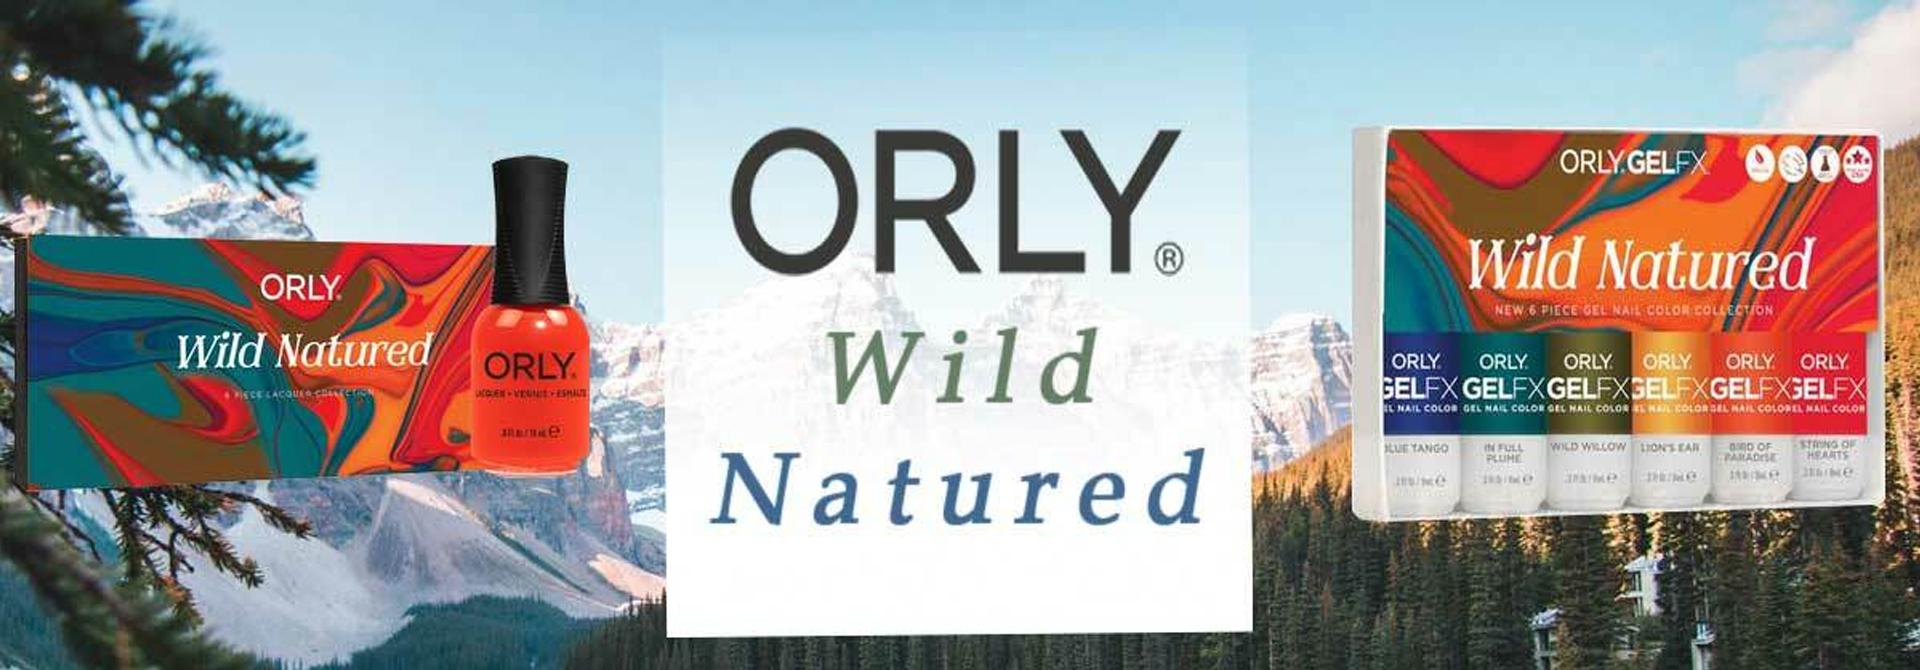 orly-wild-natured.jpg